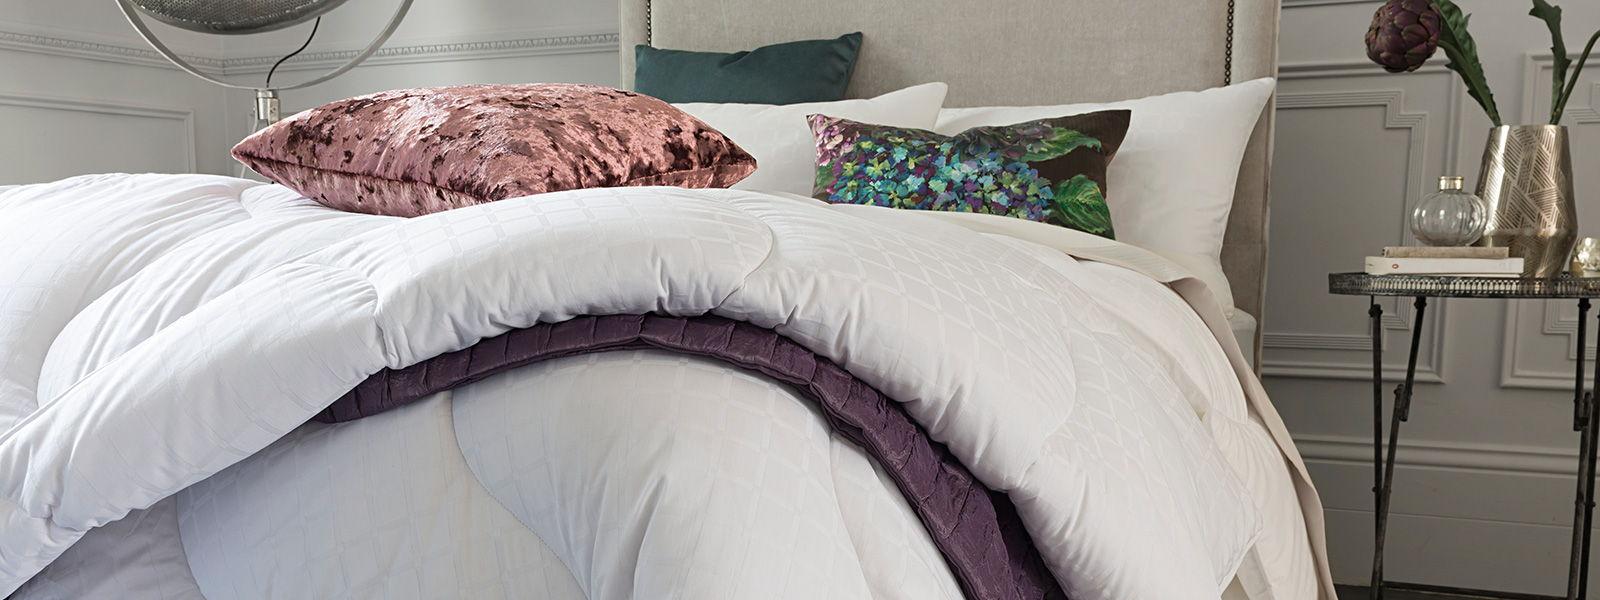 Smartfil fibres used in bedding